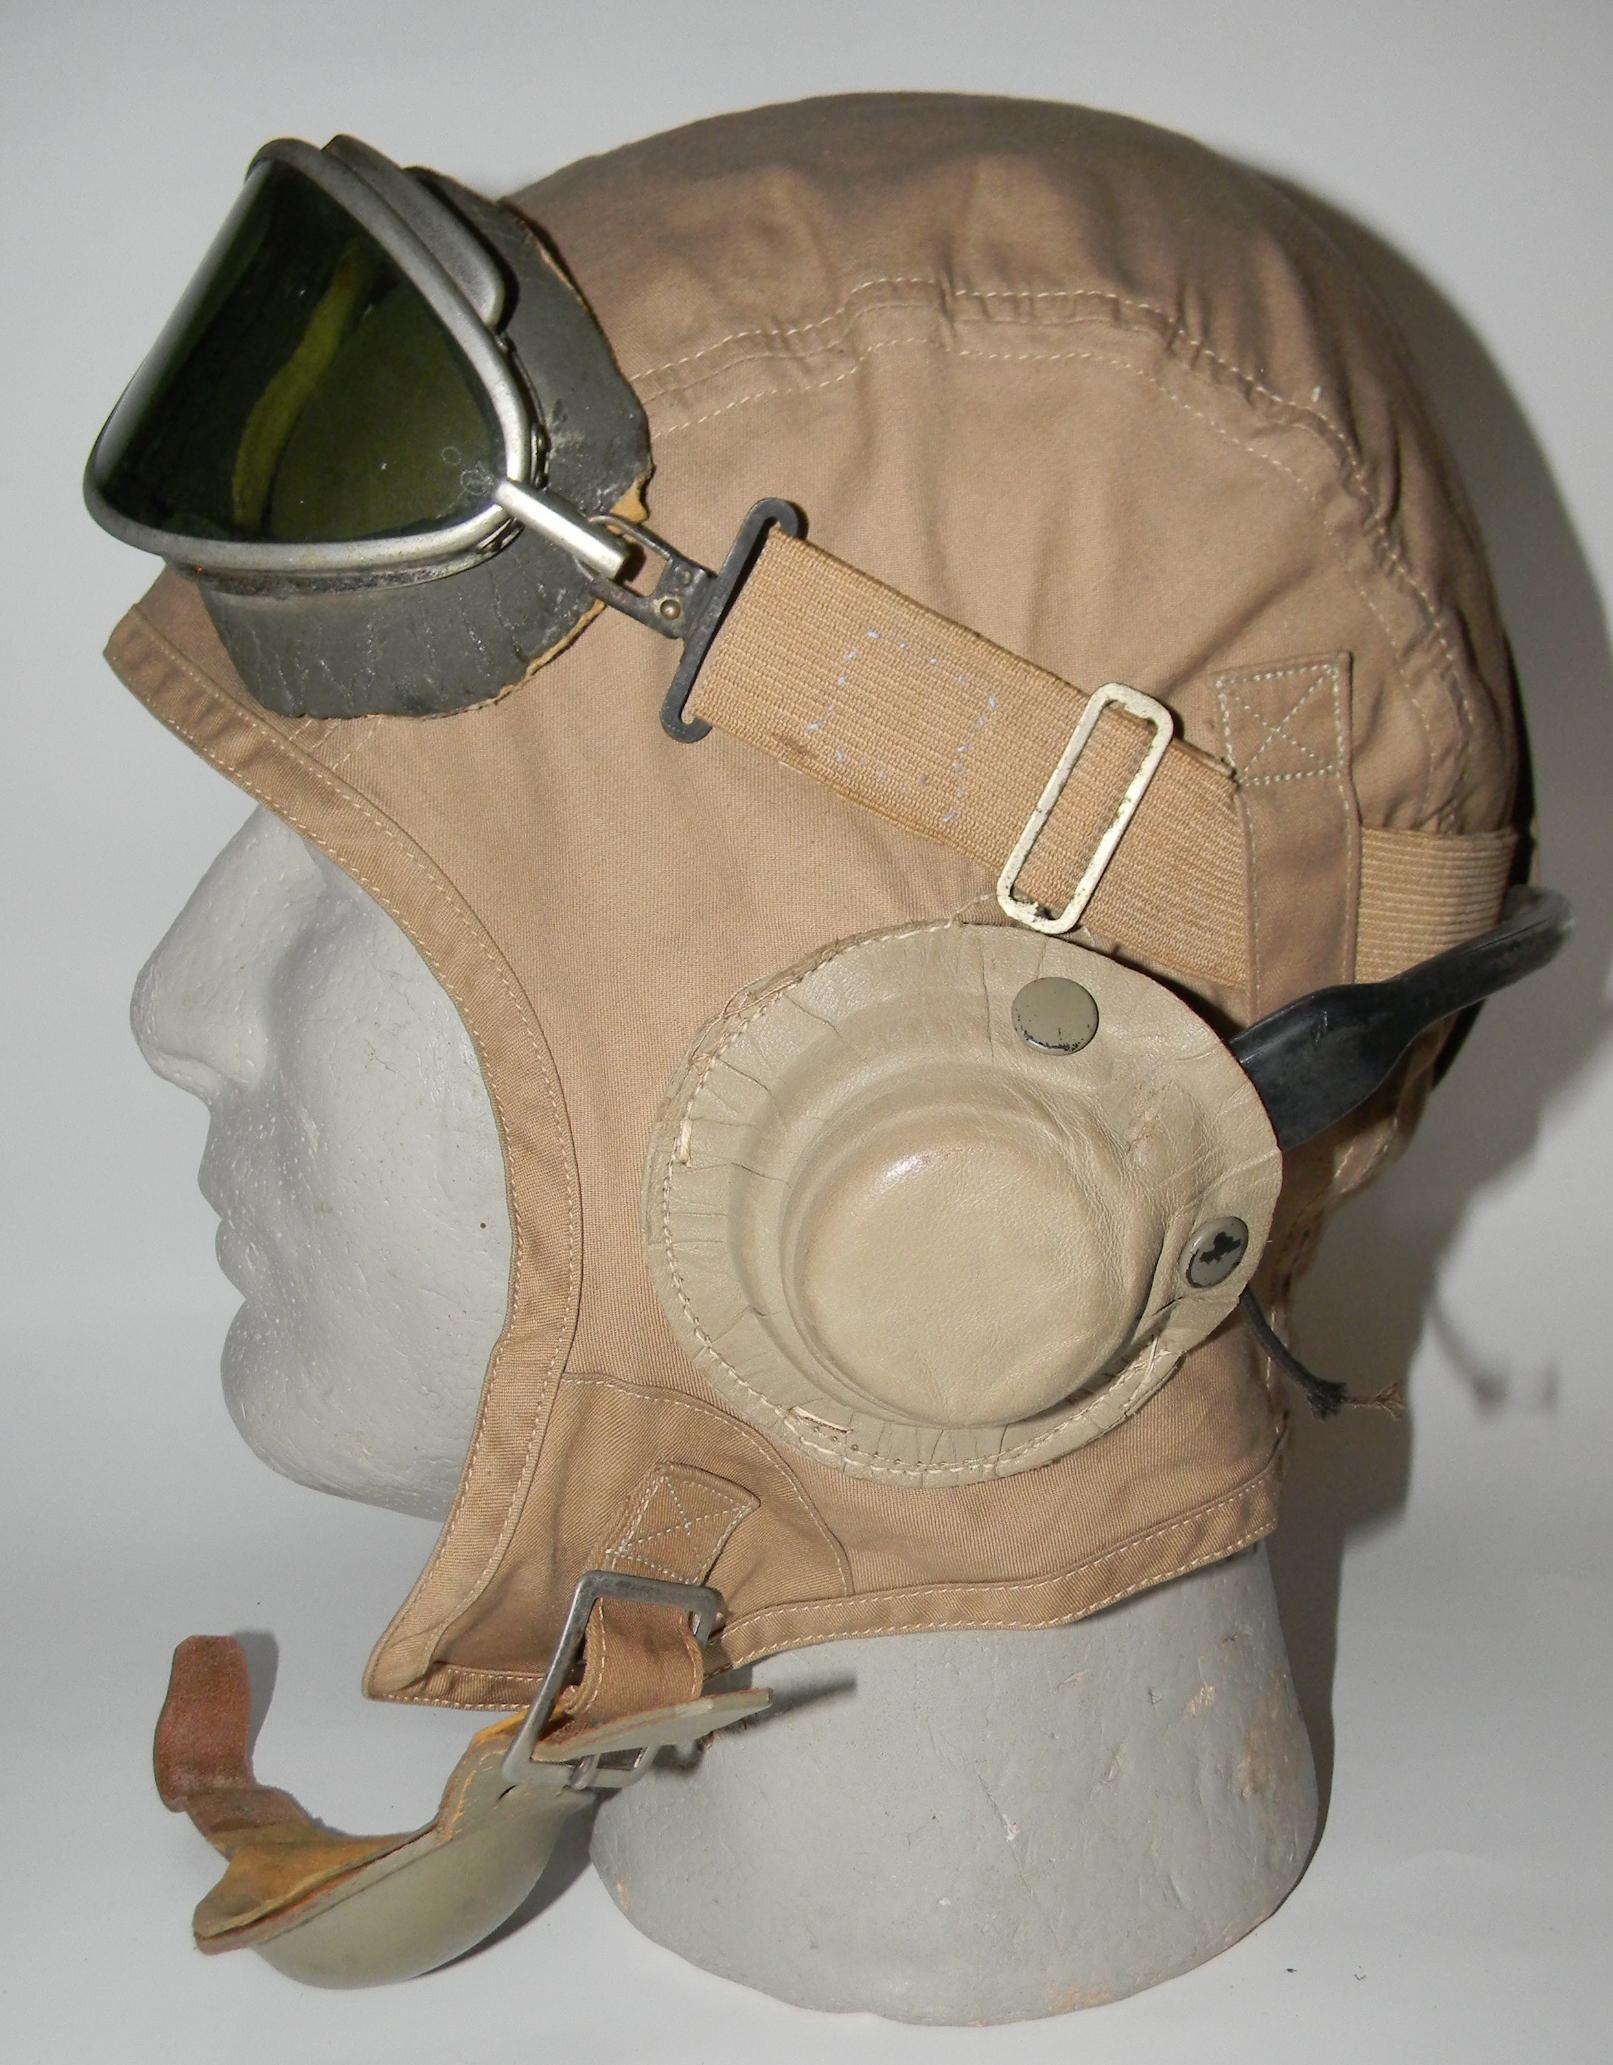 USN M-450 helmet and Mk II goggles